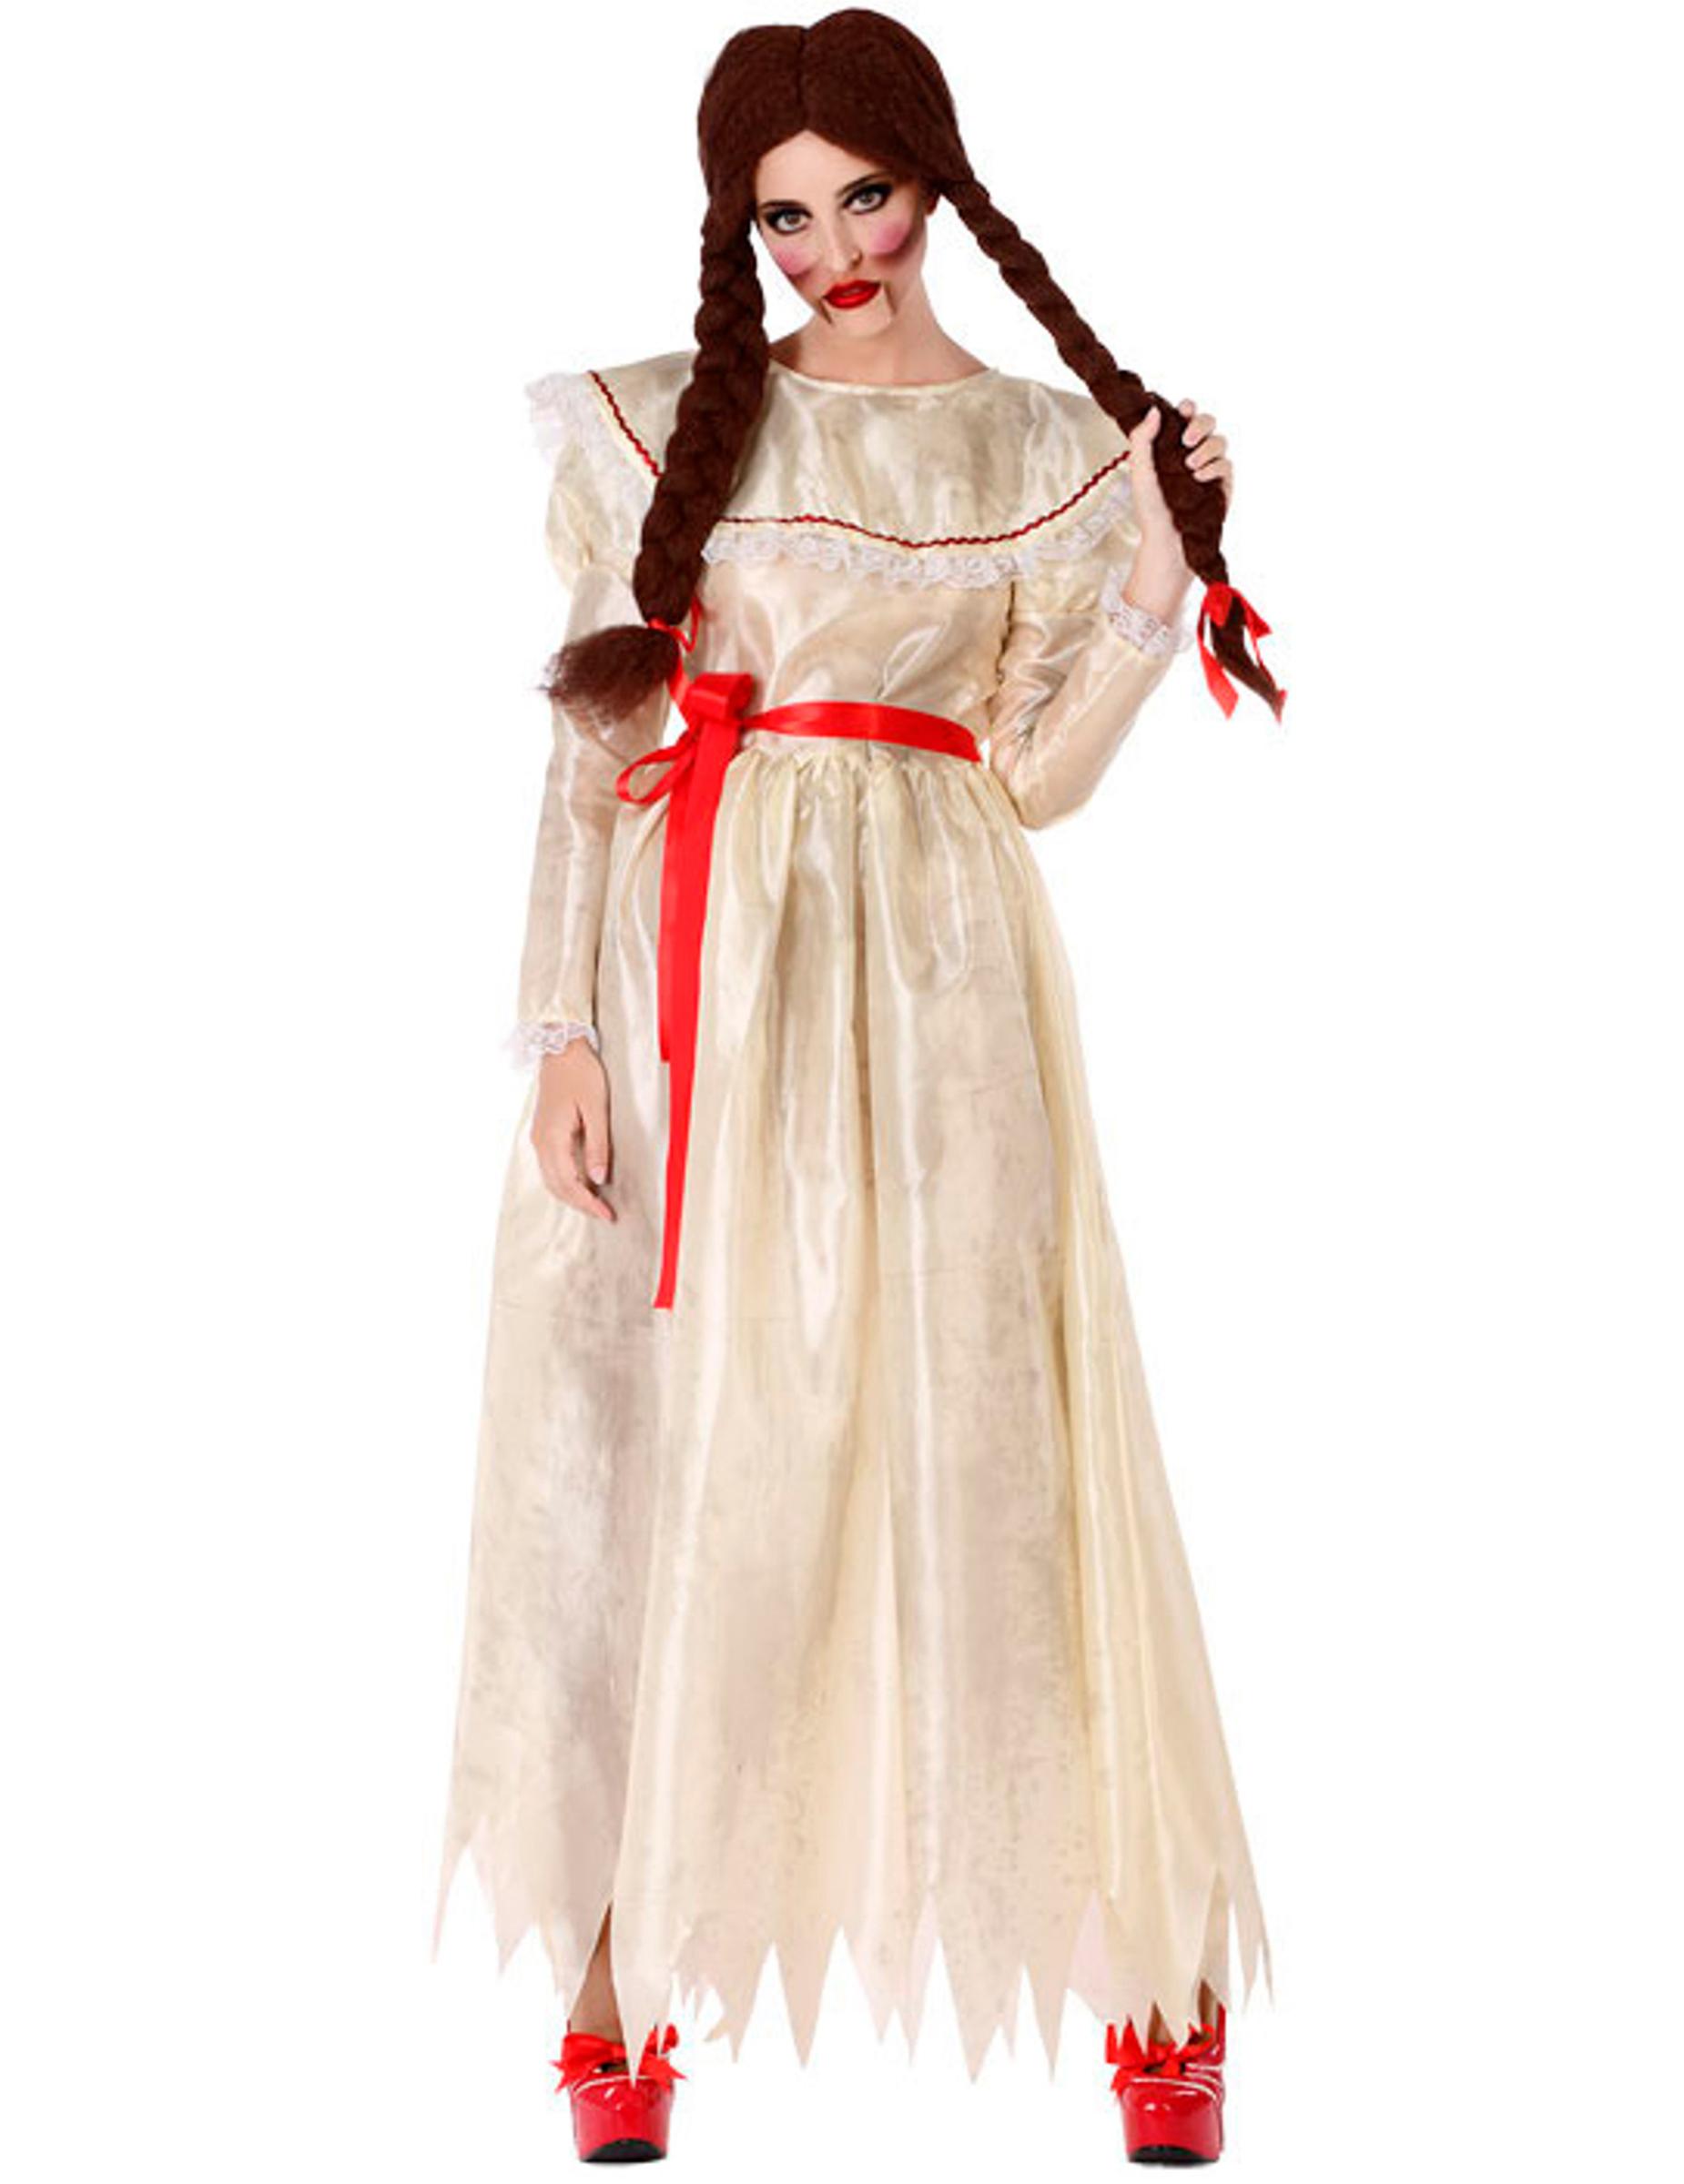 Horrorpuppe-Damenkostüm beige-rot - XS / S 293113